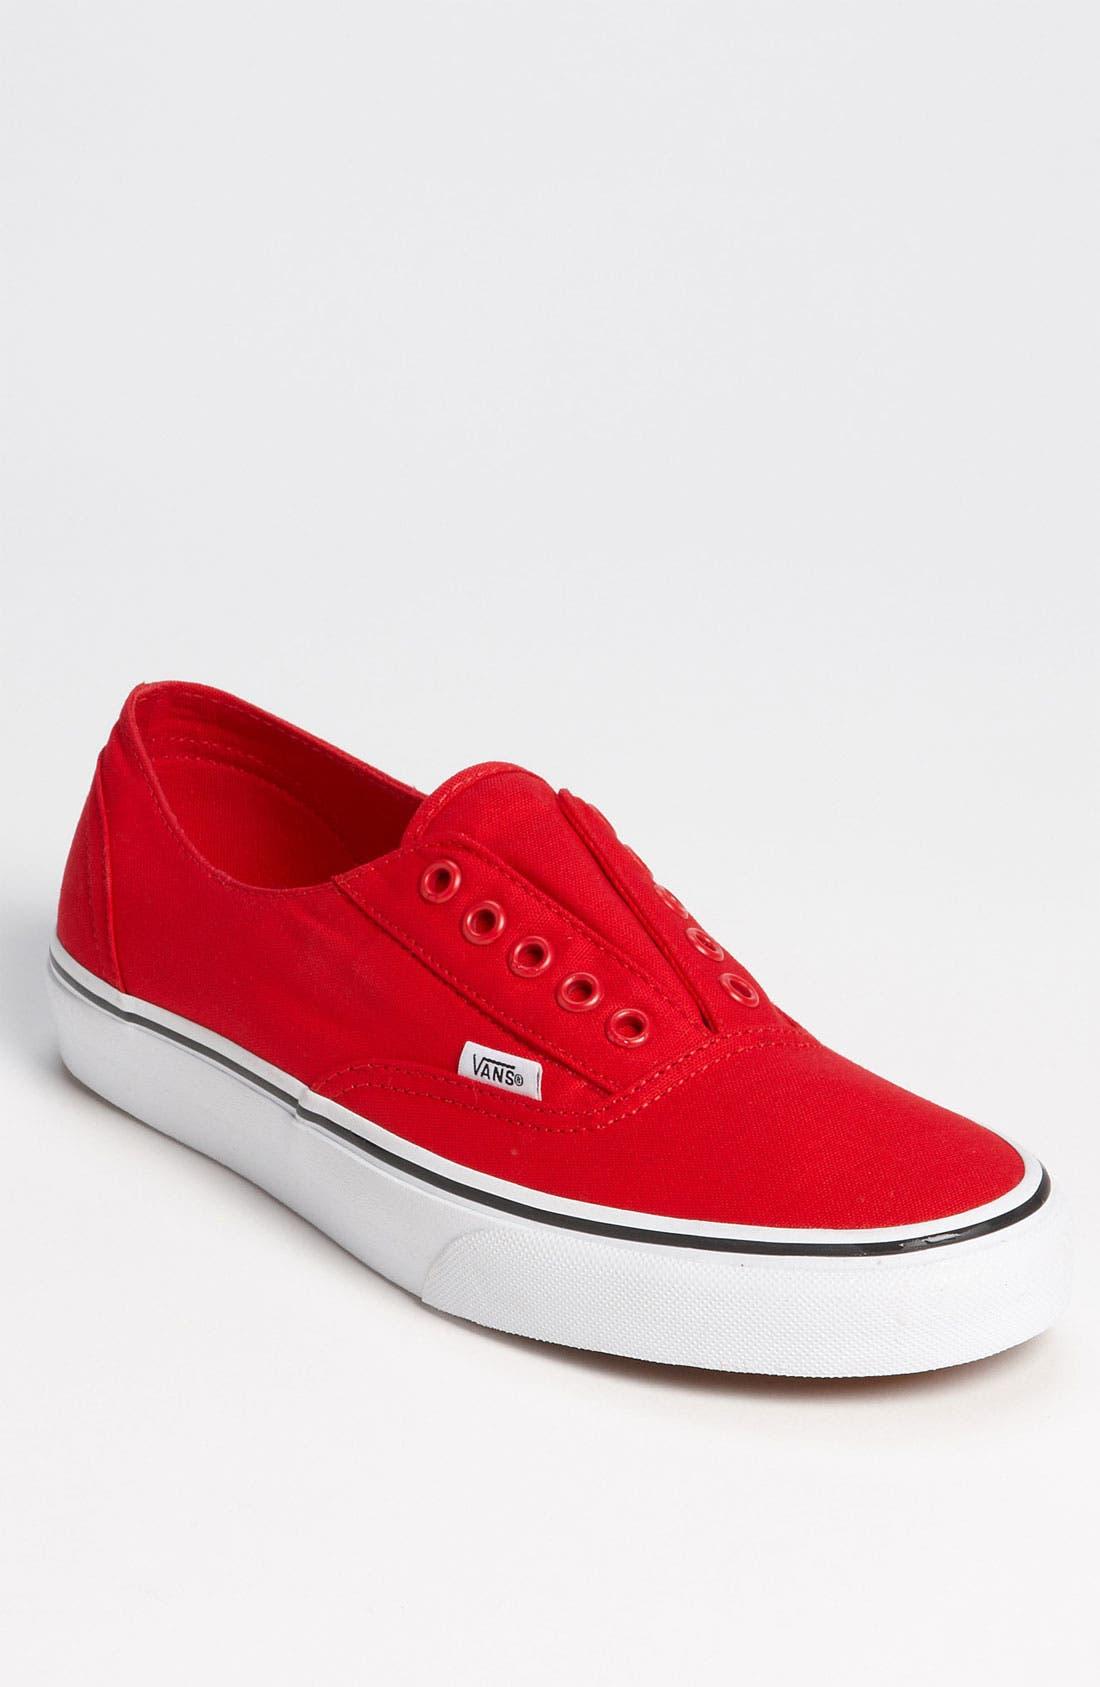 Alternate Image 1 Selected - Vans 'Era Laceless' Sneaker (Men)